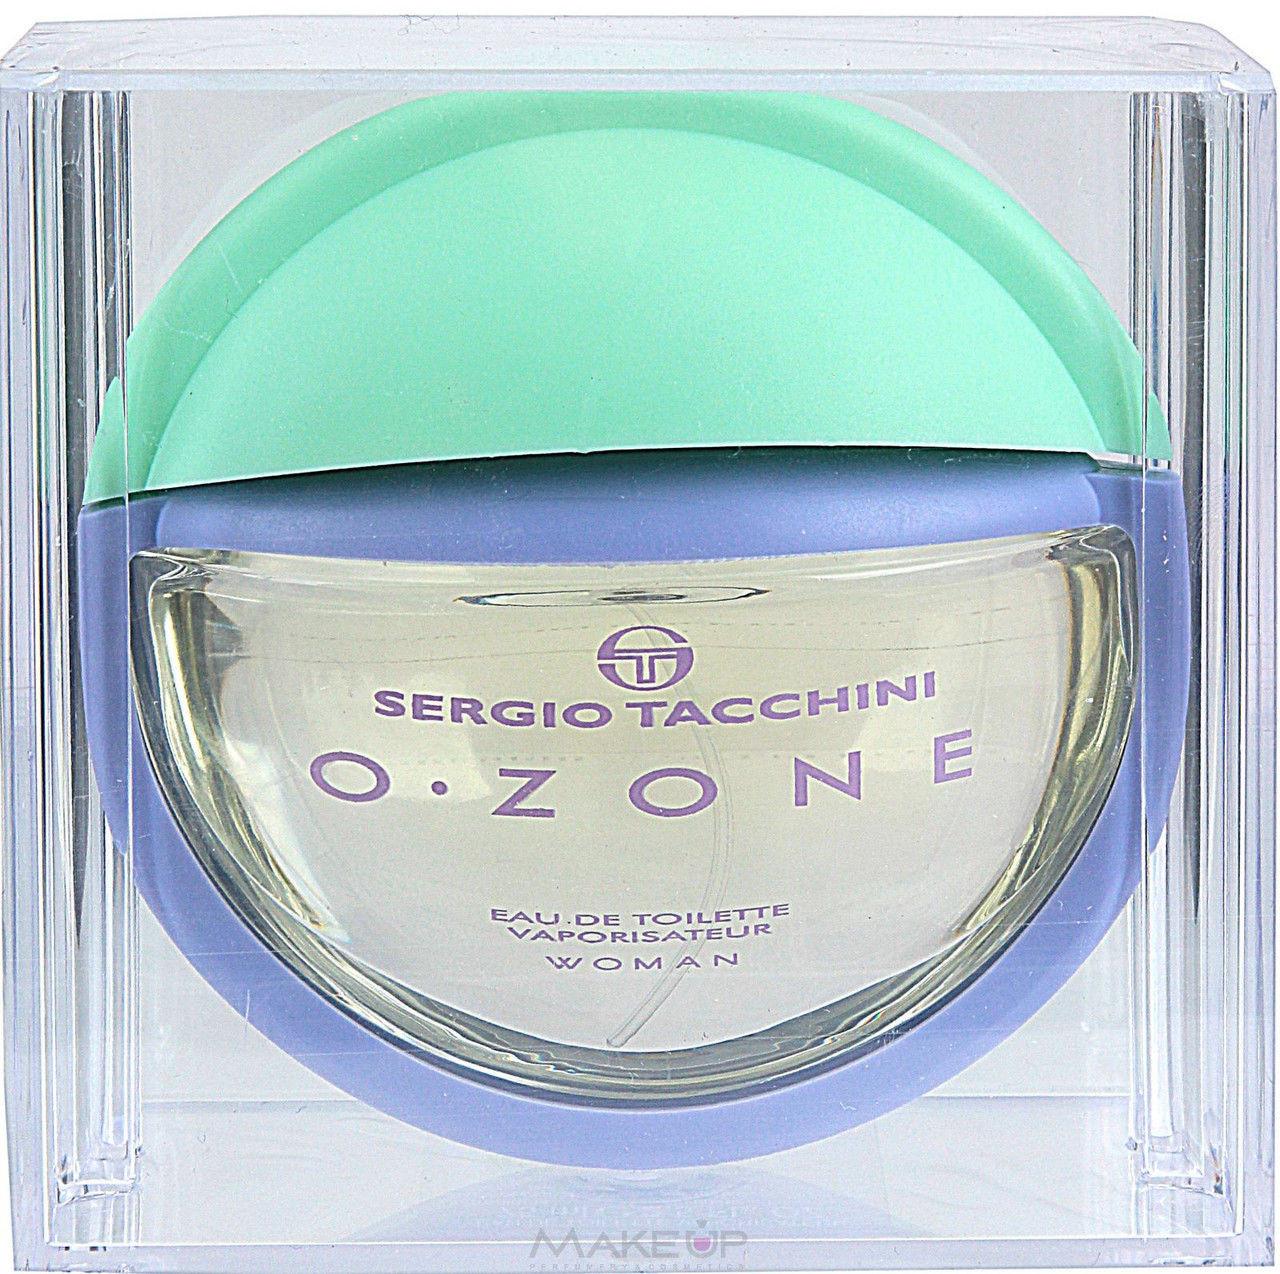 Sergio Tacchini  O•zone  Woman 50ml женская оригинальная парфюмерия